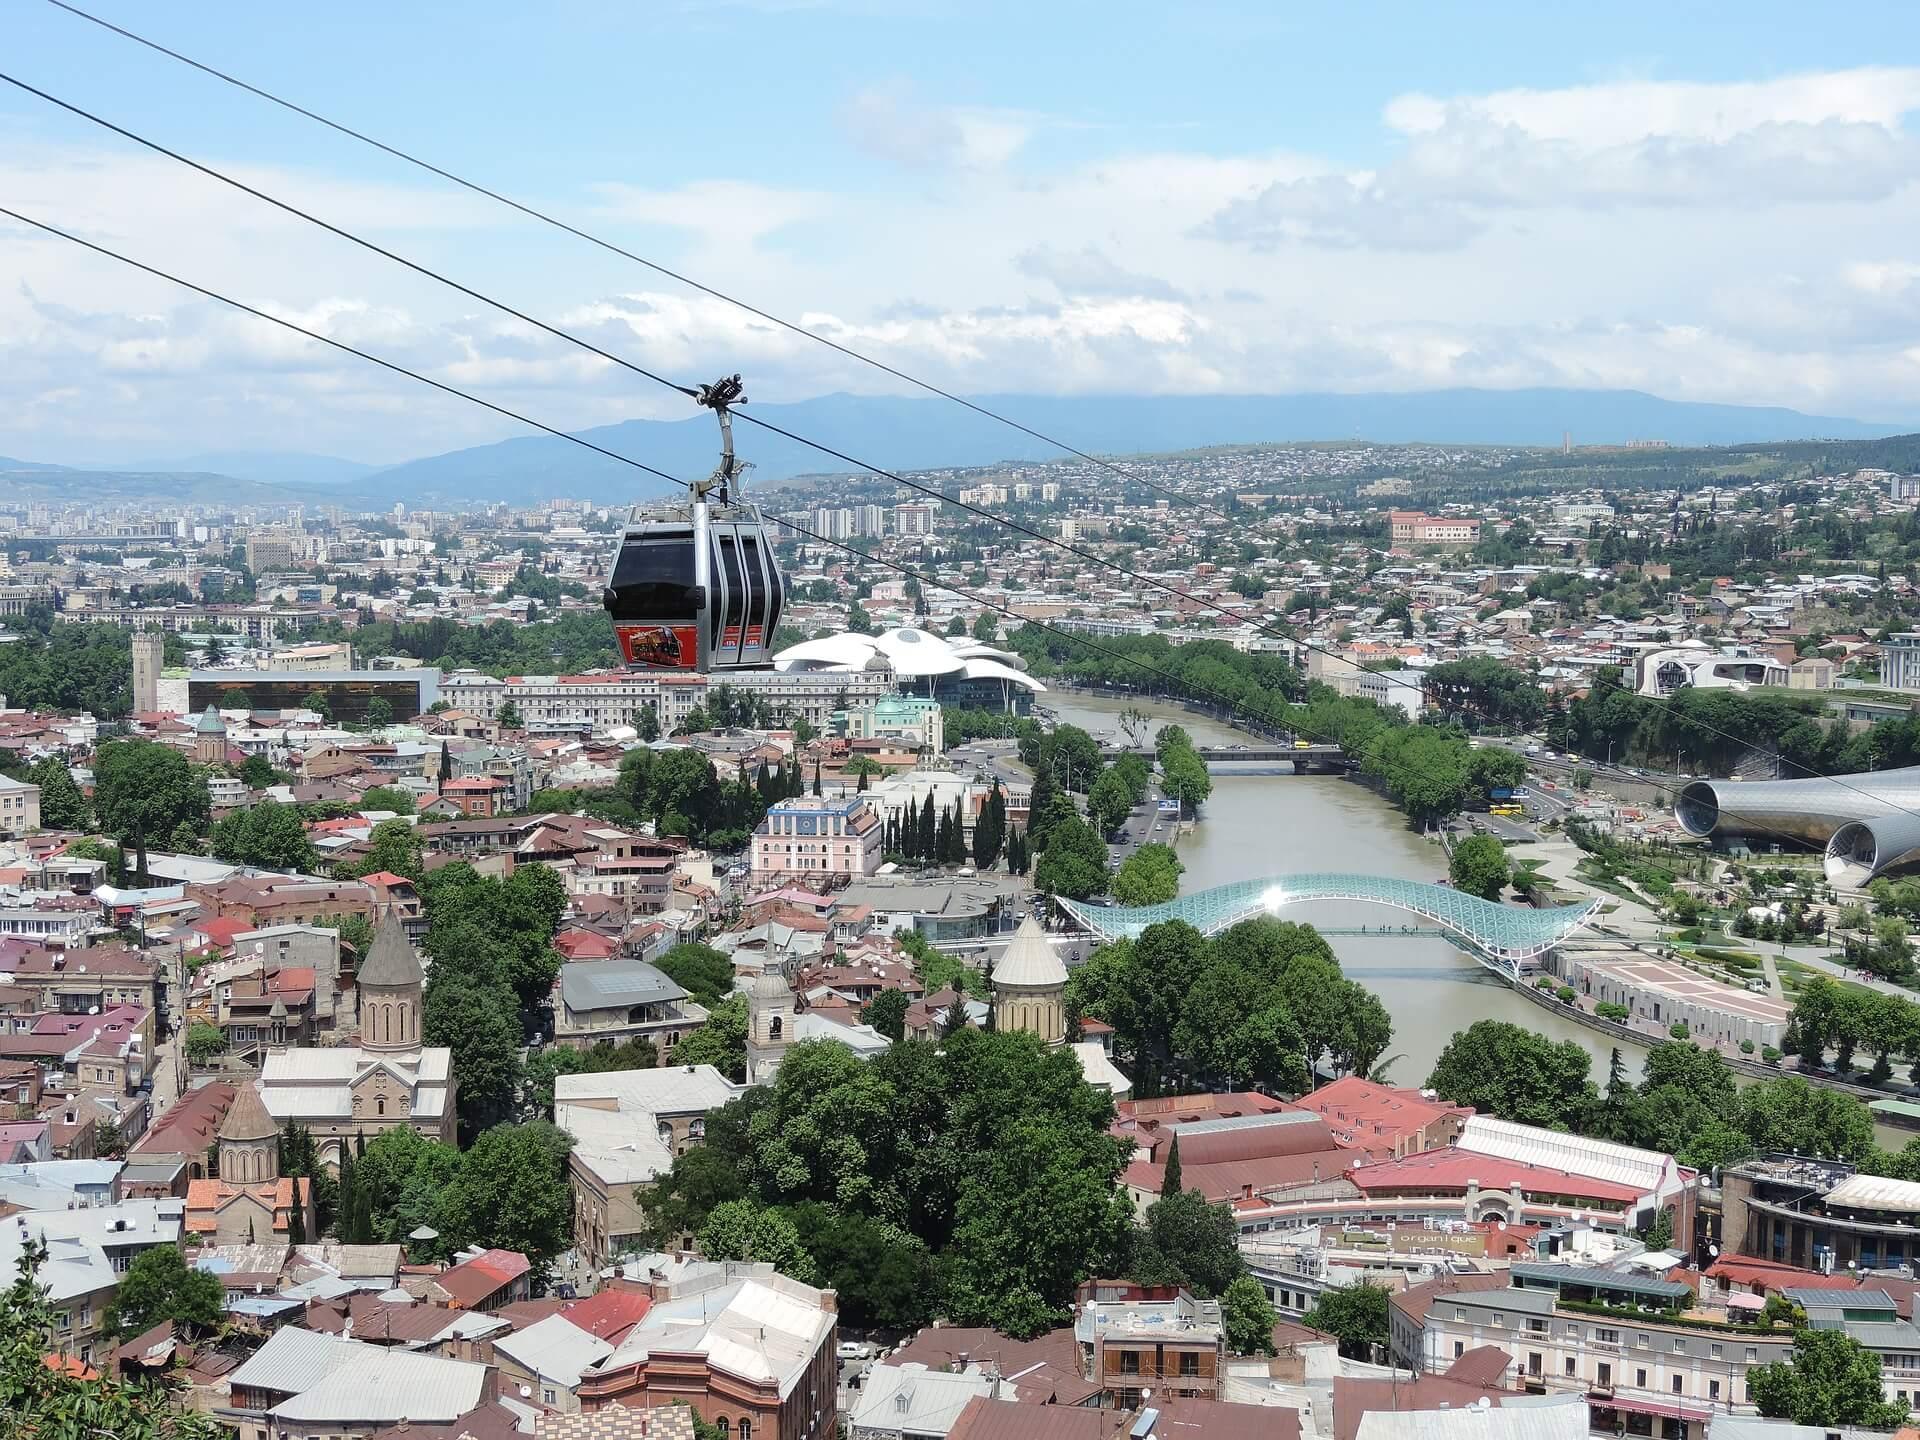 Direktflüge und Billigflüge ab München nach Tbilisi